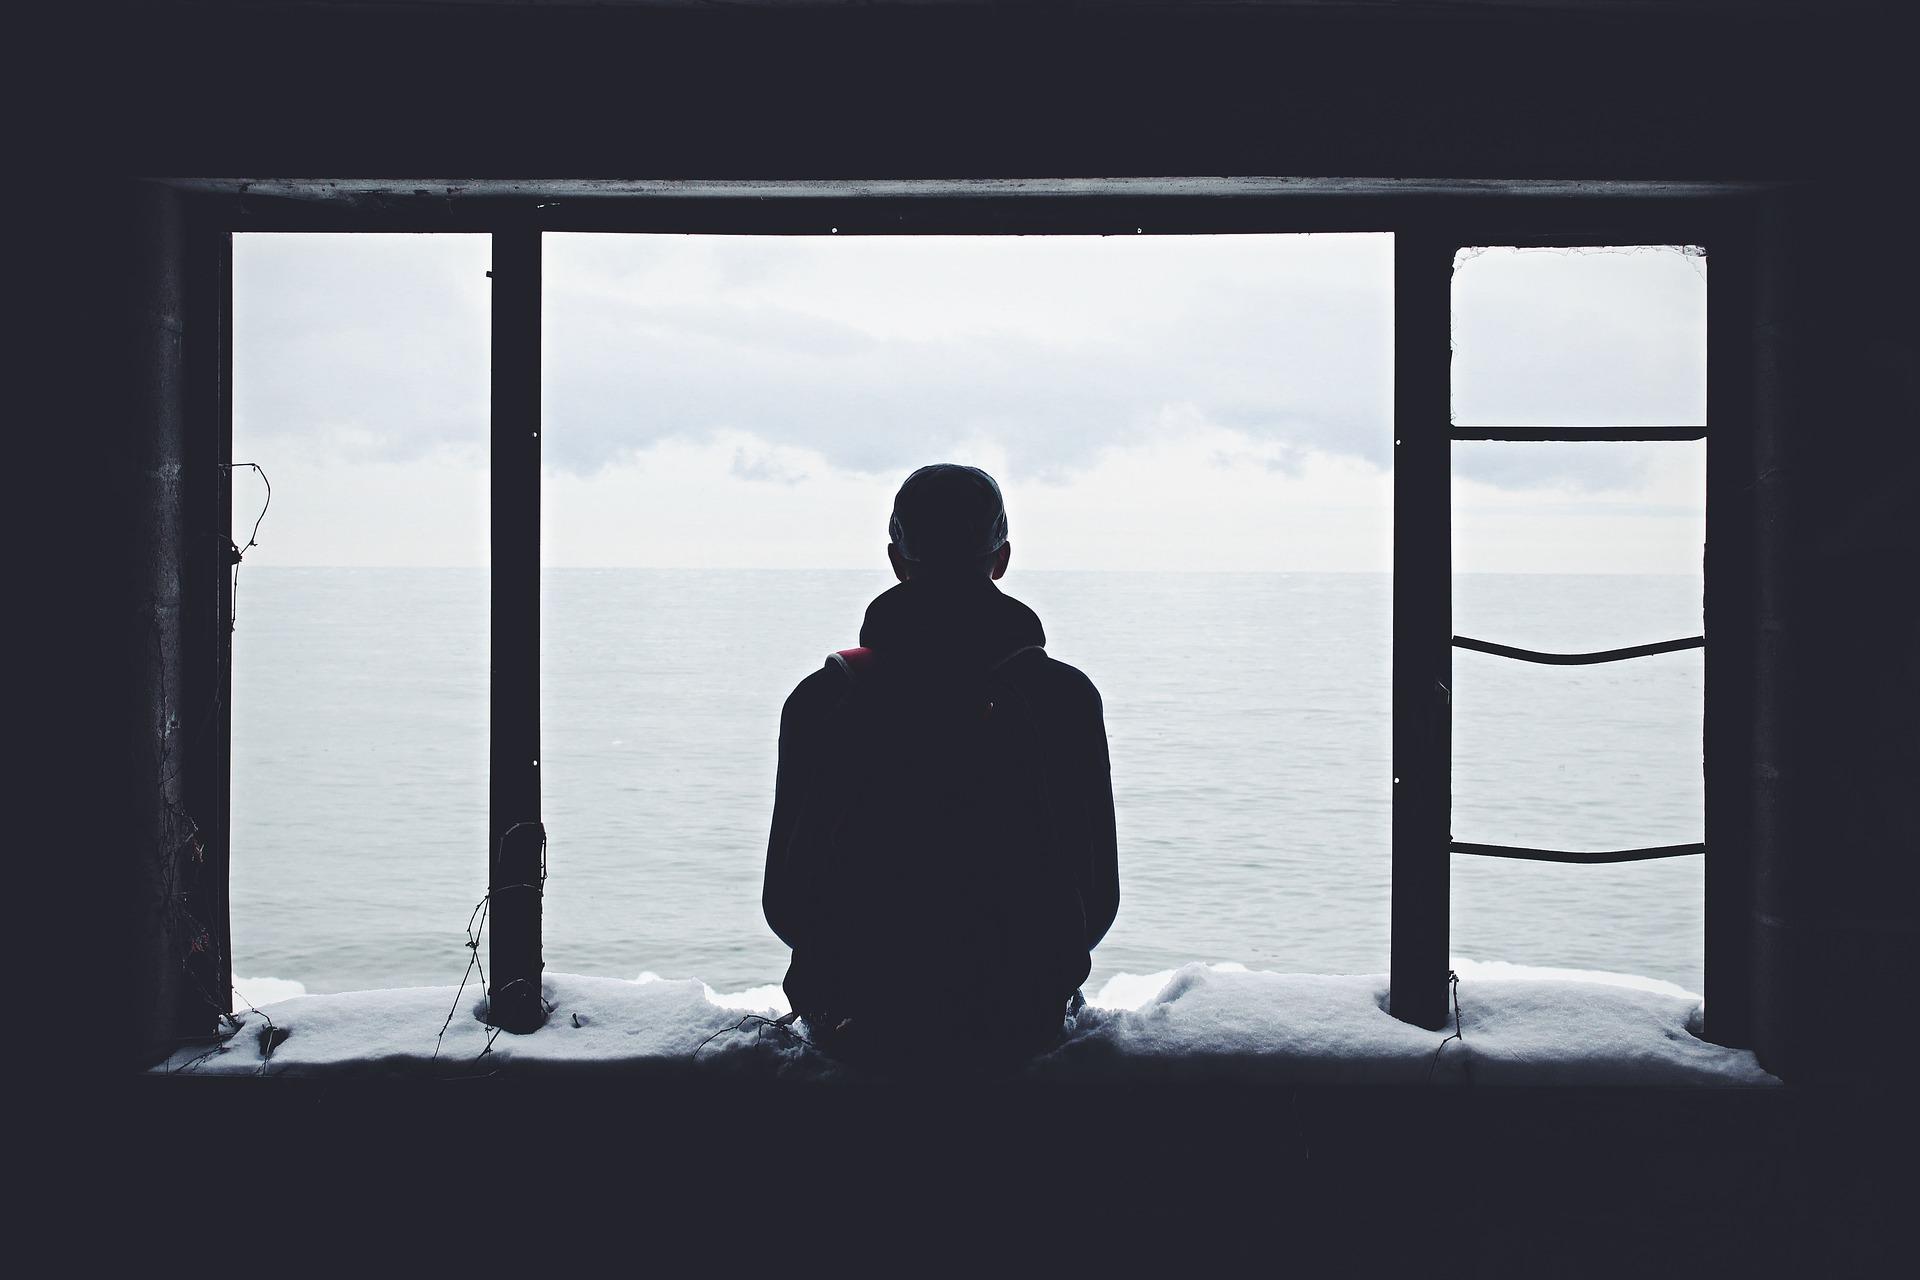 うつ病 ベンチャー企業